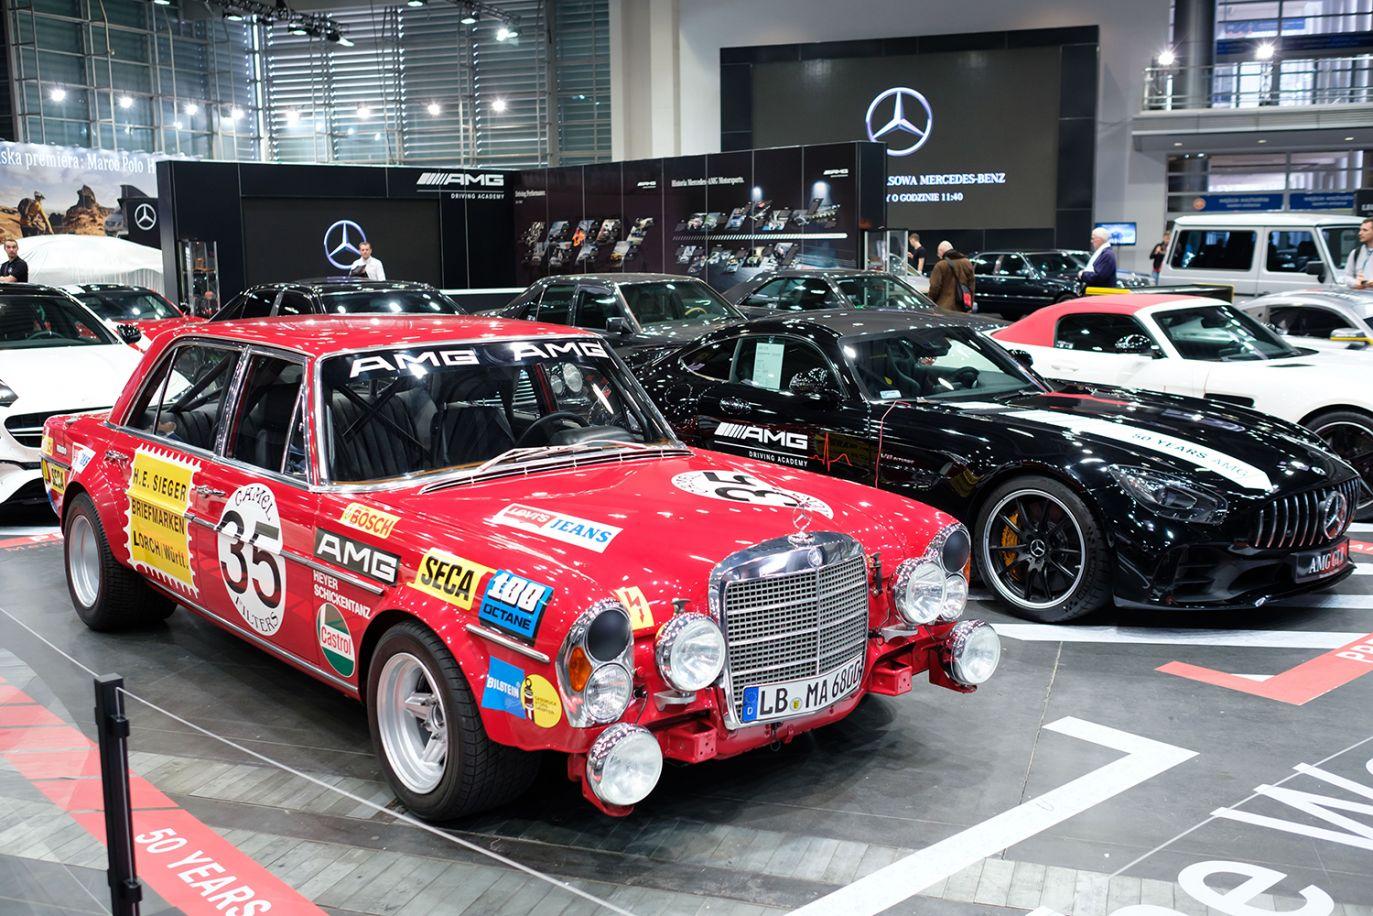 Stoisko AMG Mercedes (fot. arch.PAP/Jakub Kaczmarczyk)